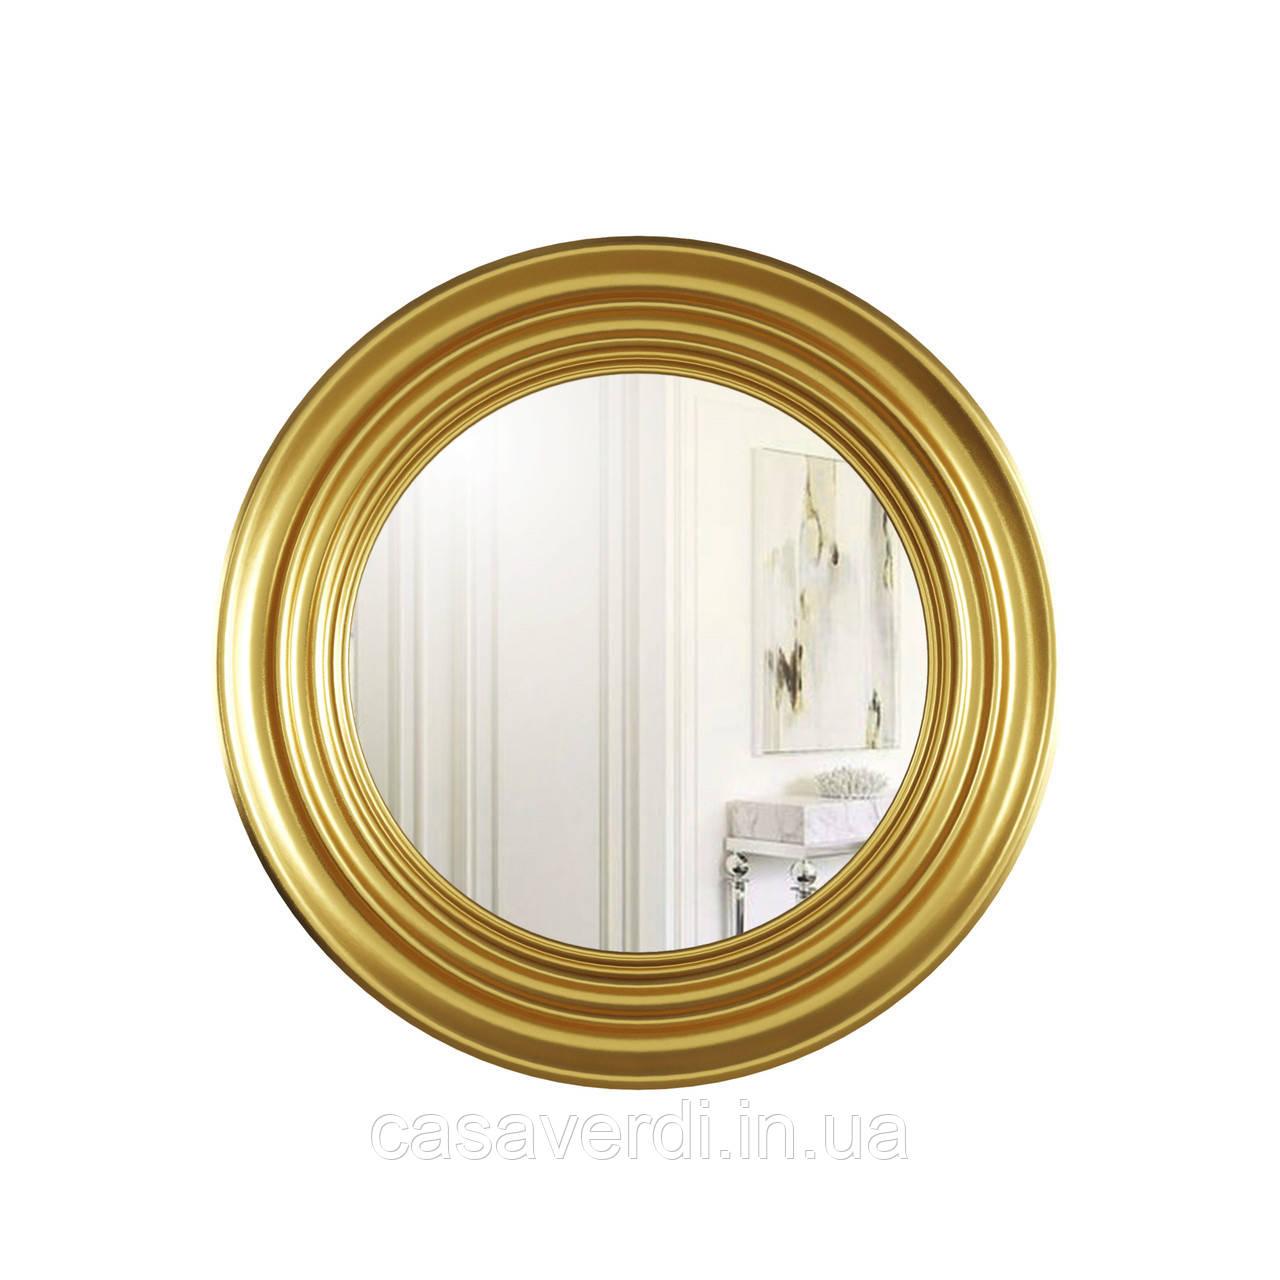 Кругле інтер'єрне настінне дзеркало Casa Verdi Rondo 70см. З Рамою МДФ, розмір дзеркала 50 см золото